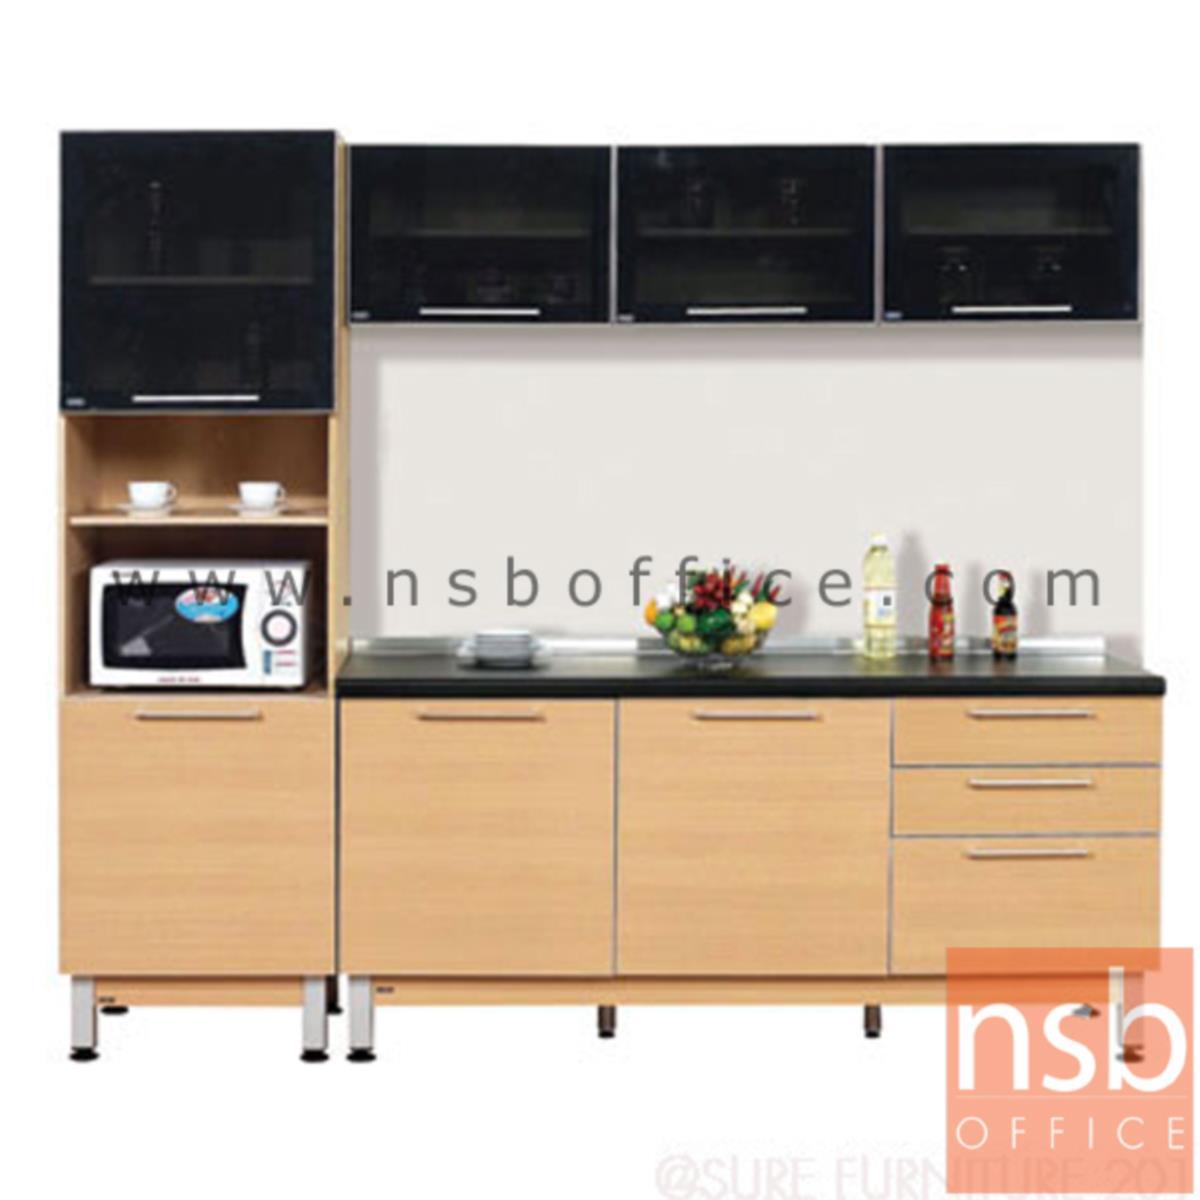 K02A013:ชุดตู้ครัวสีบีทดำ 240W cm.   รุ่น STEP-132  (สำหรับครัวเปียกและครัวแห้ง)